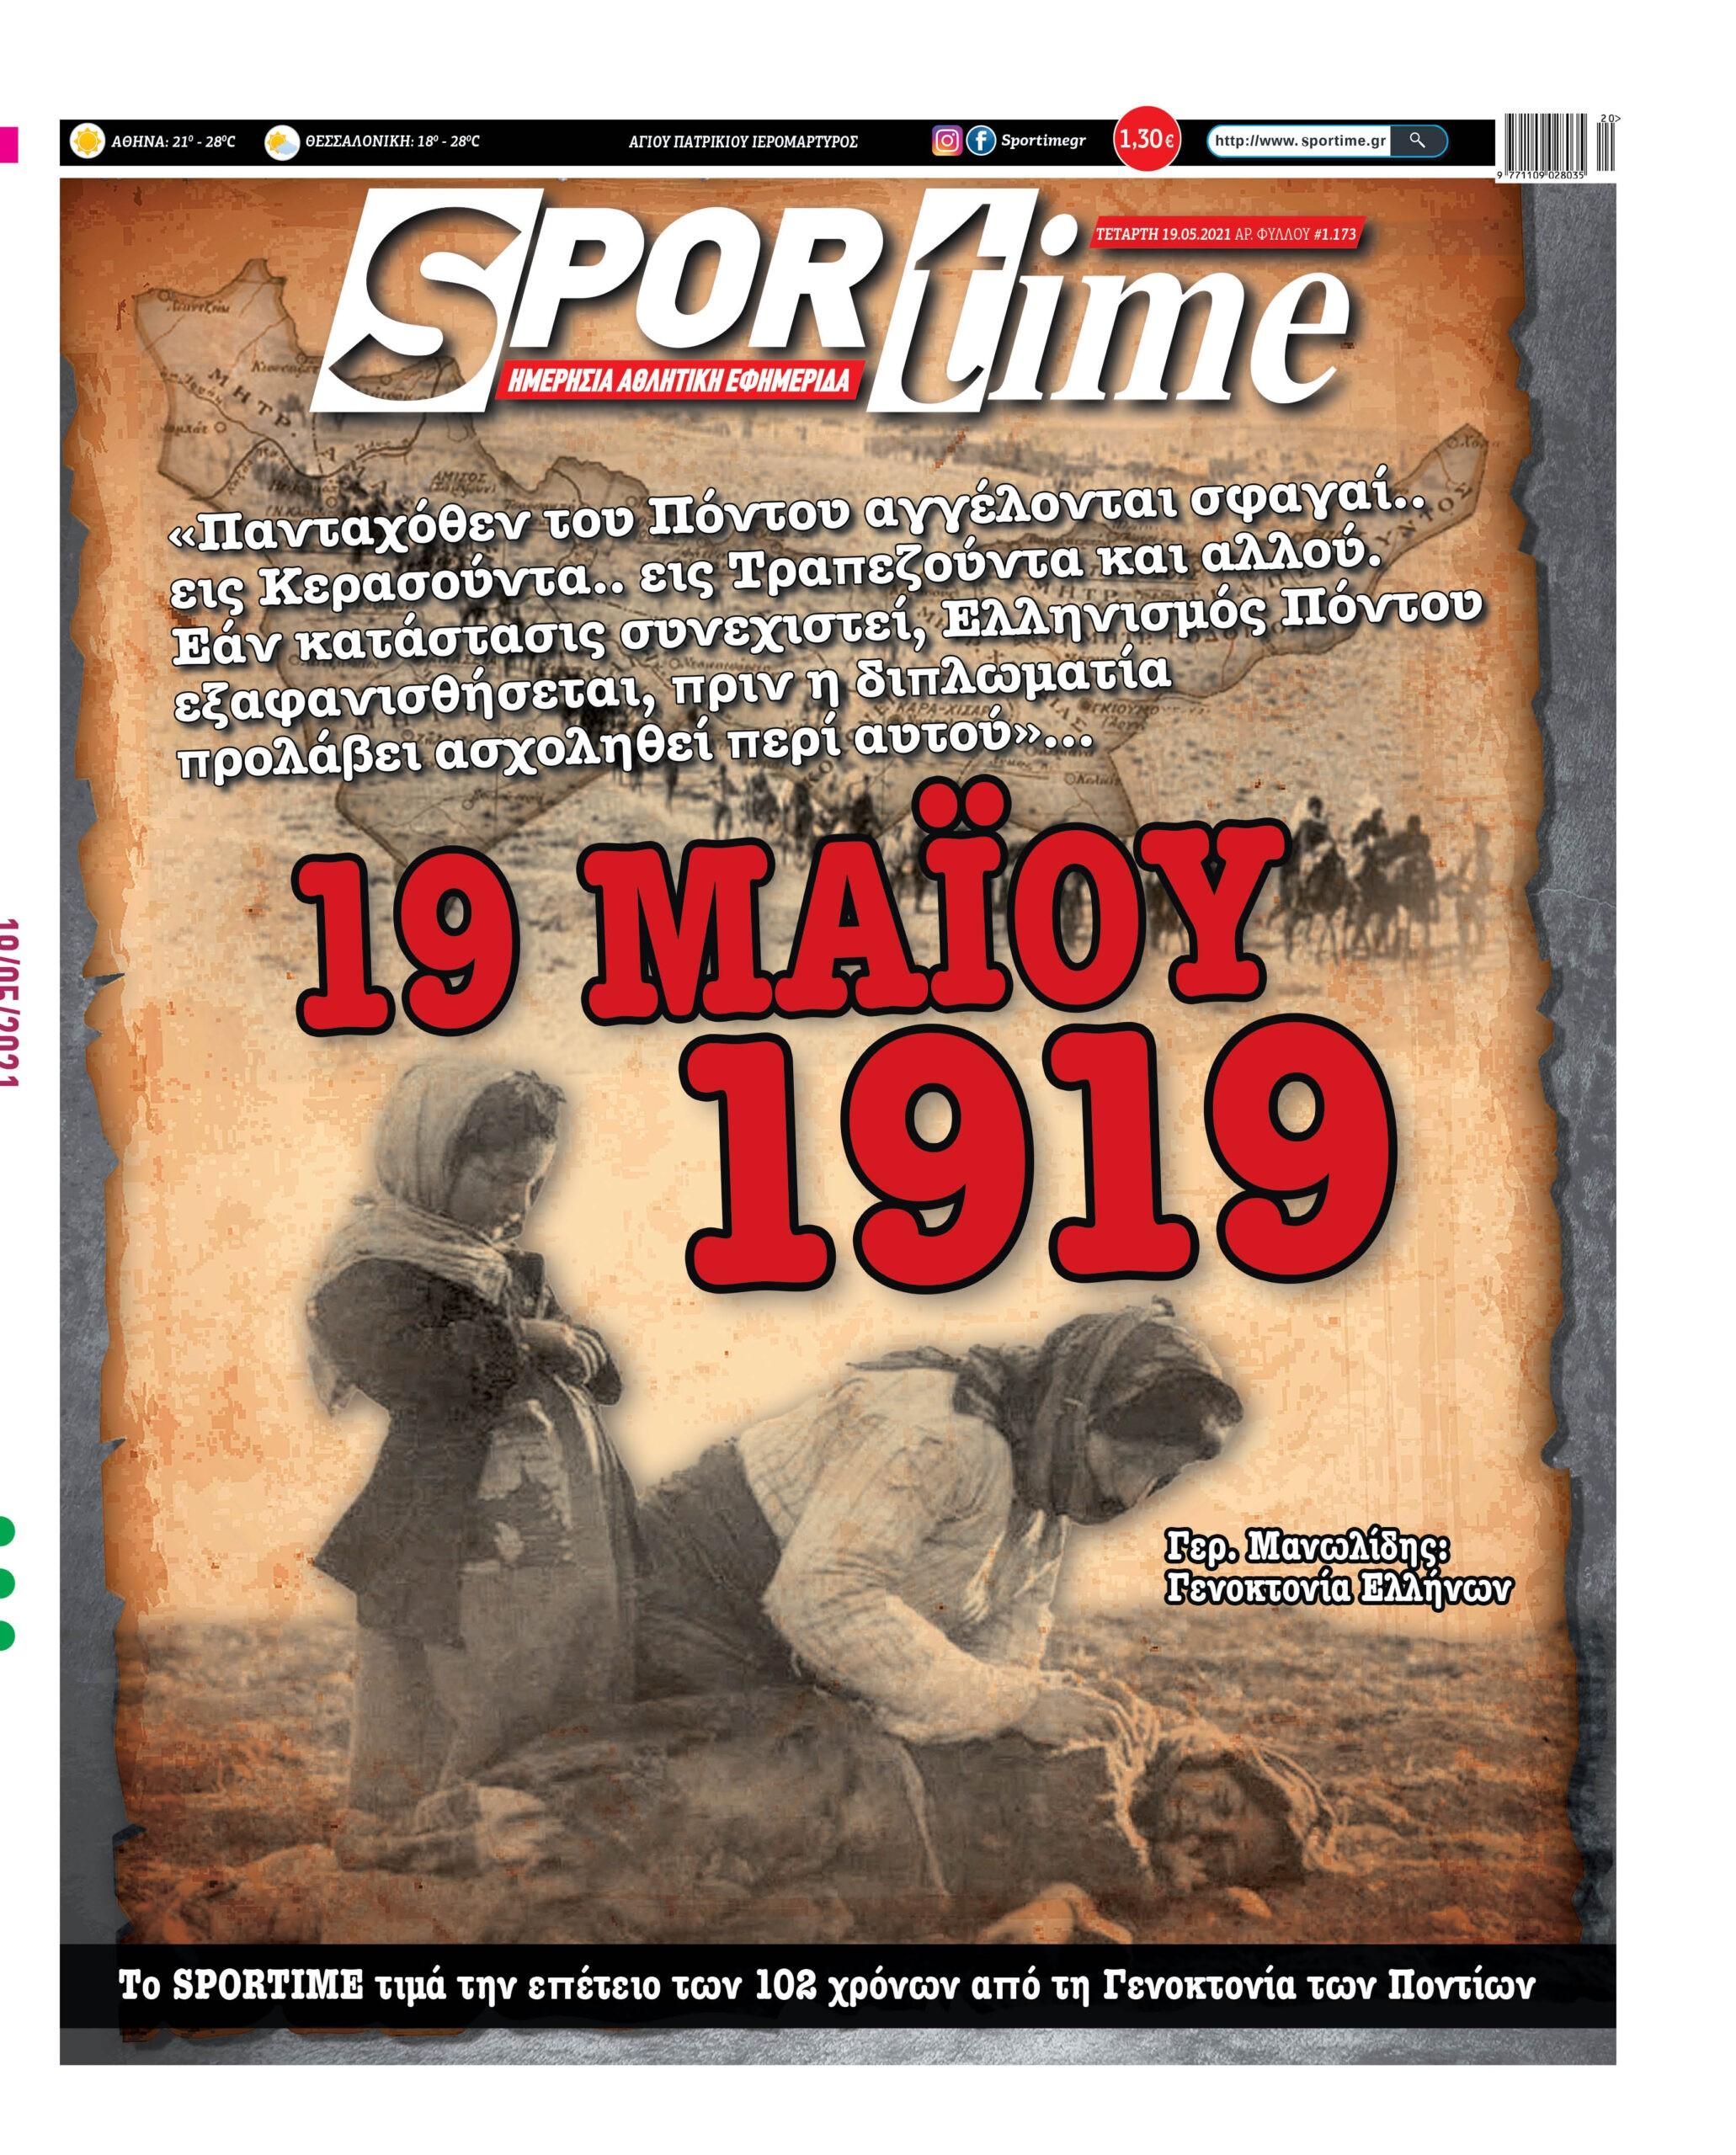 Εφημερίδα SPORTIME - Εξώφυλλο φύλλου 19/5/2021